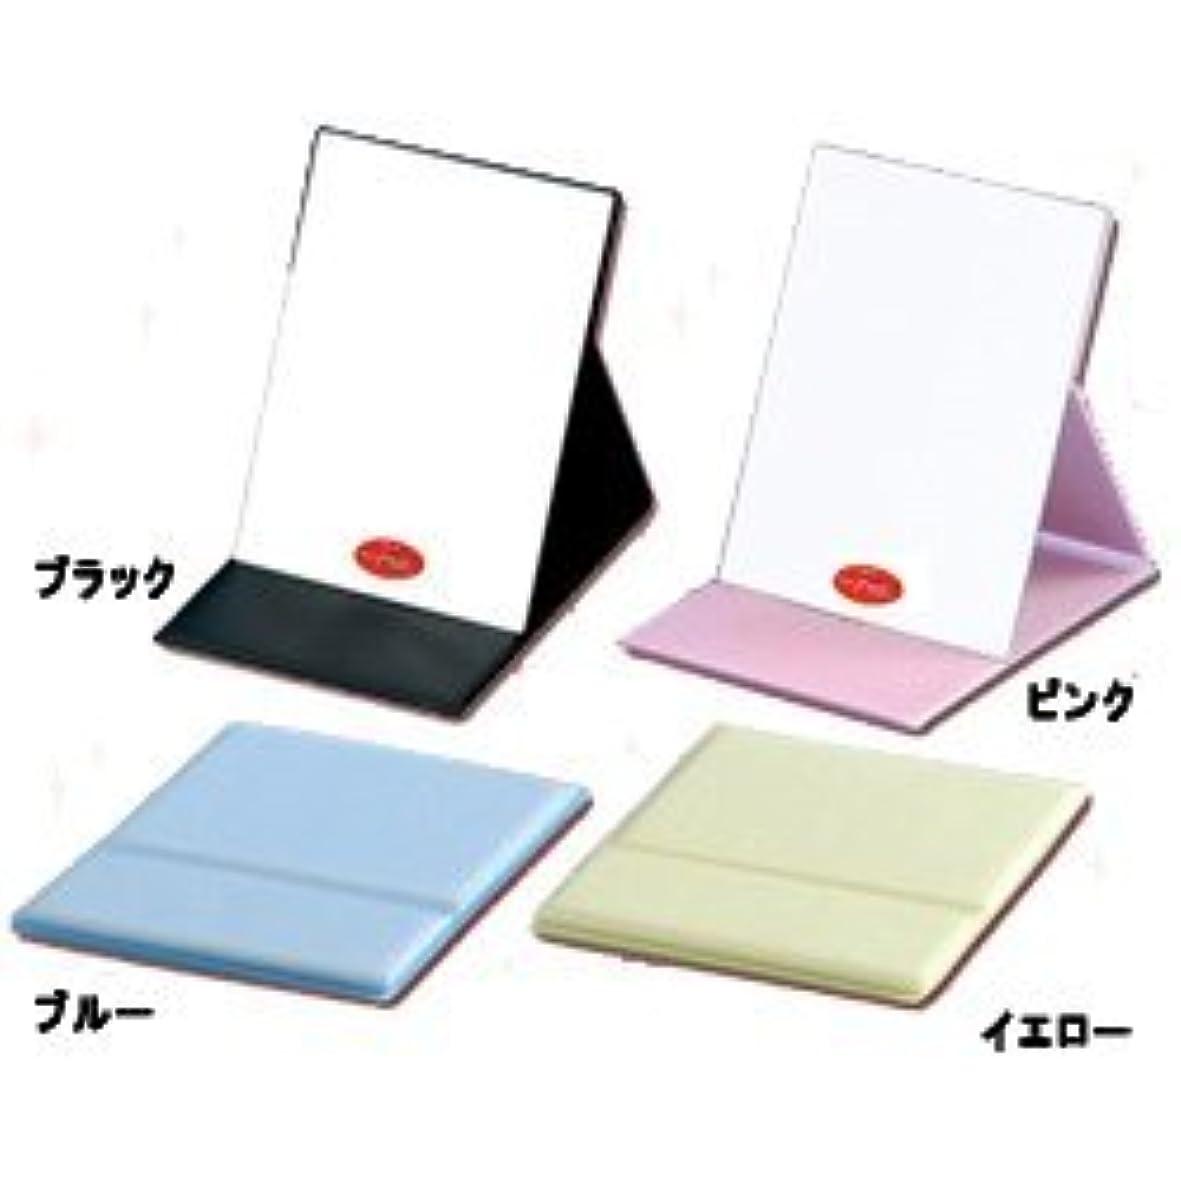 怖いと遊ぶ塗抹ナピュア プロモデル カラーバージョン折立ミラー M ブラック